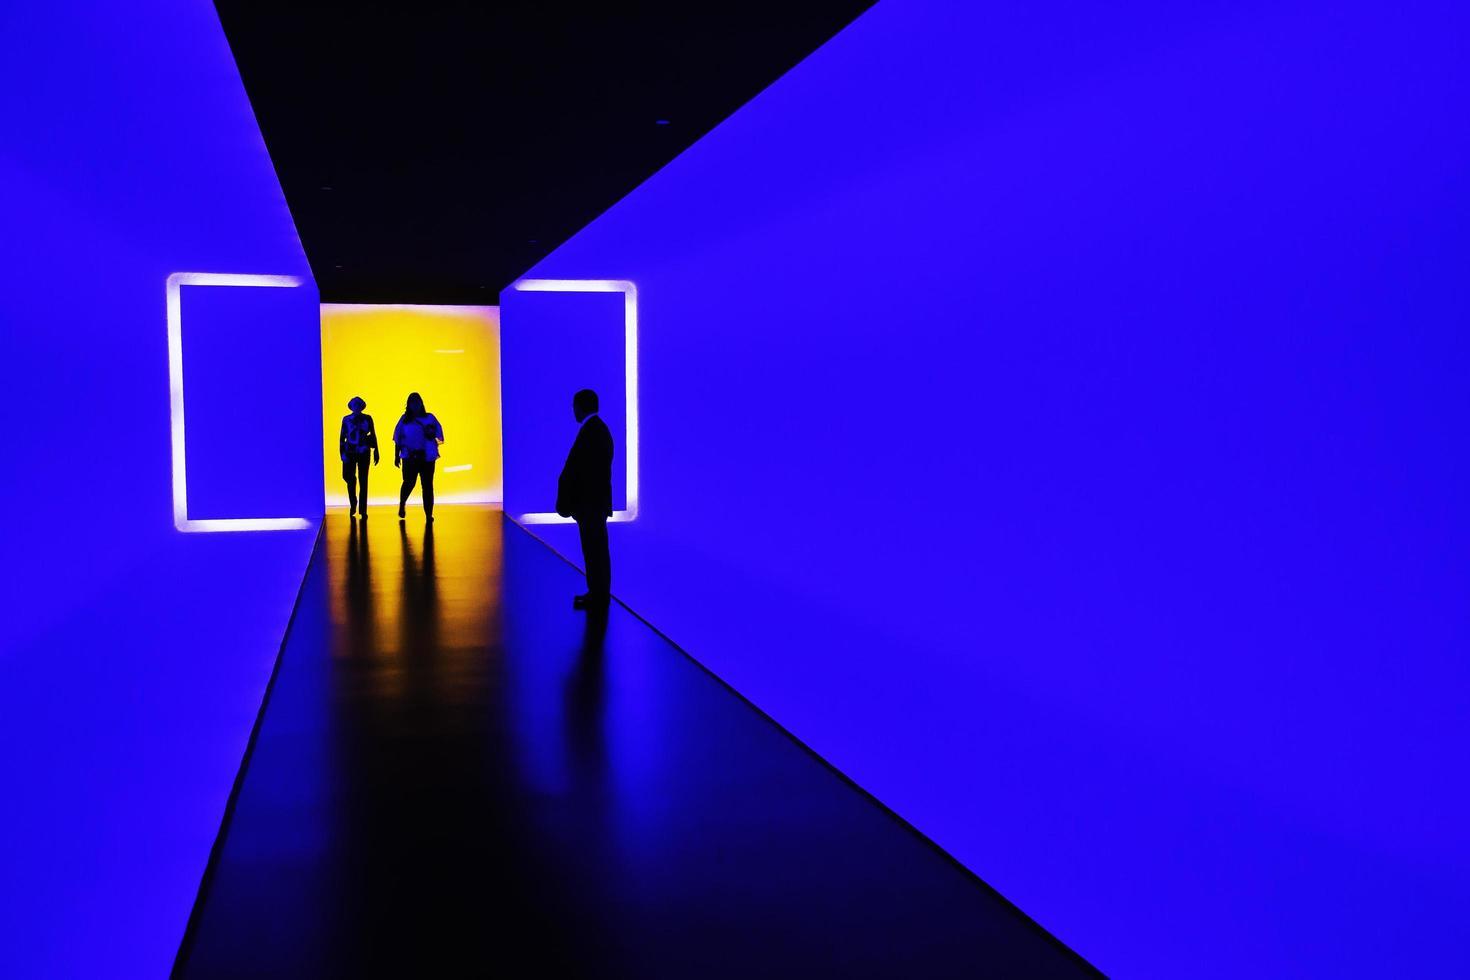 houston, texas, 2020 - pessoas vendo uma obra de arte em neon em um museu foto